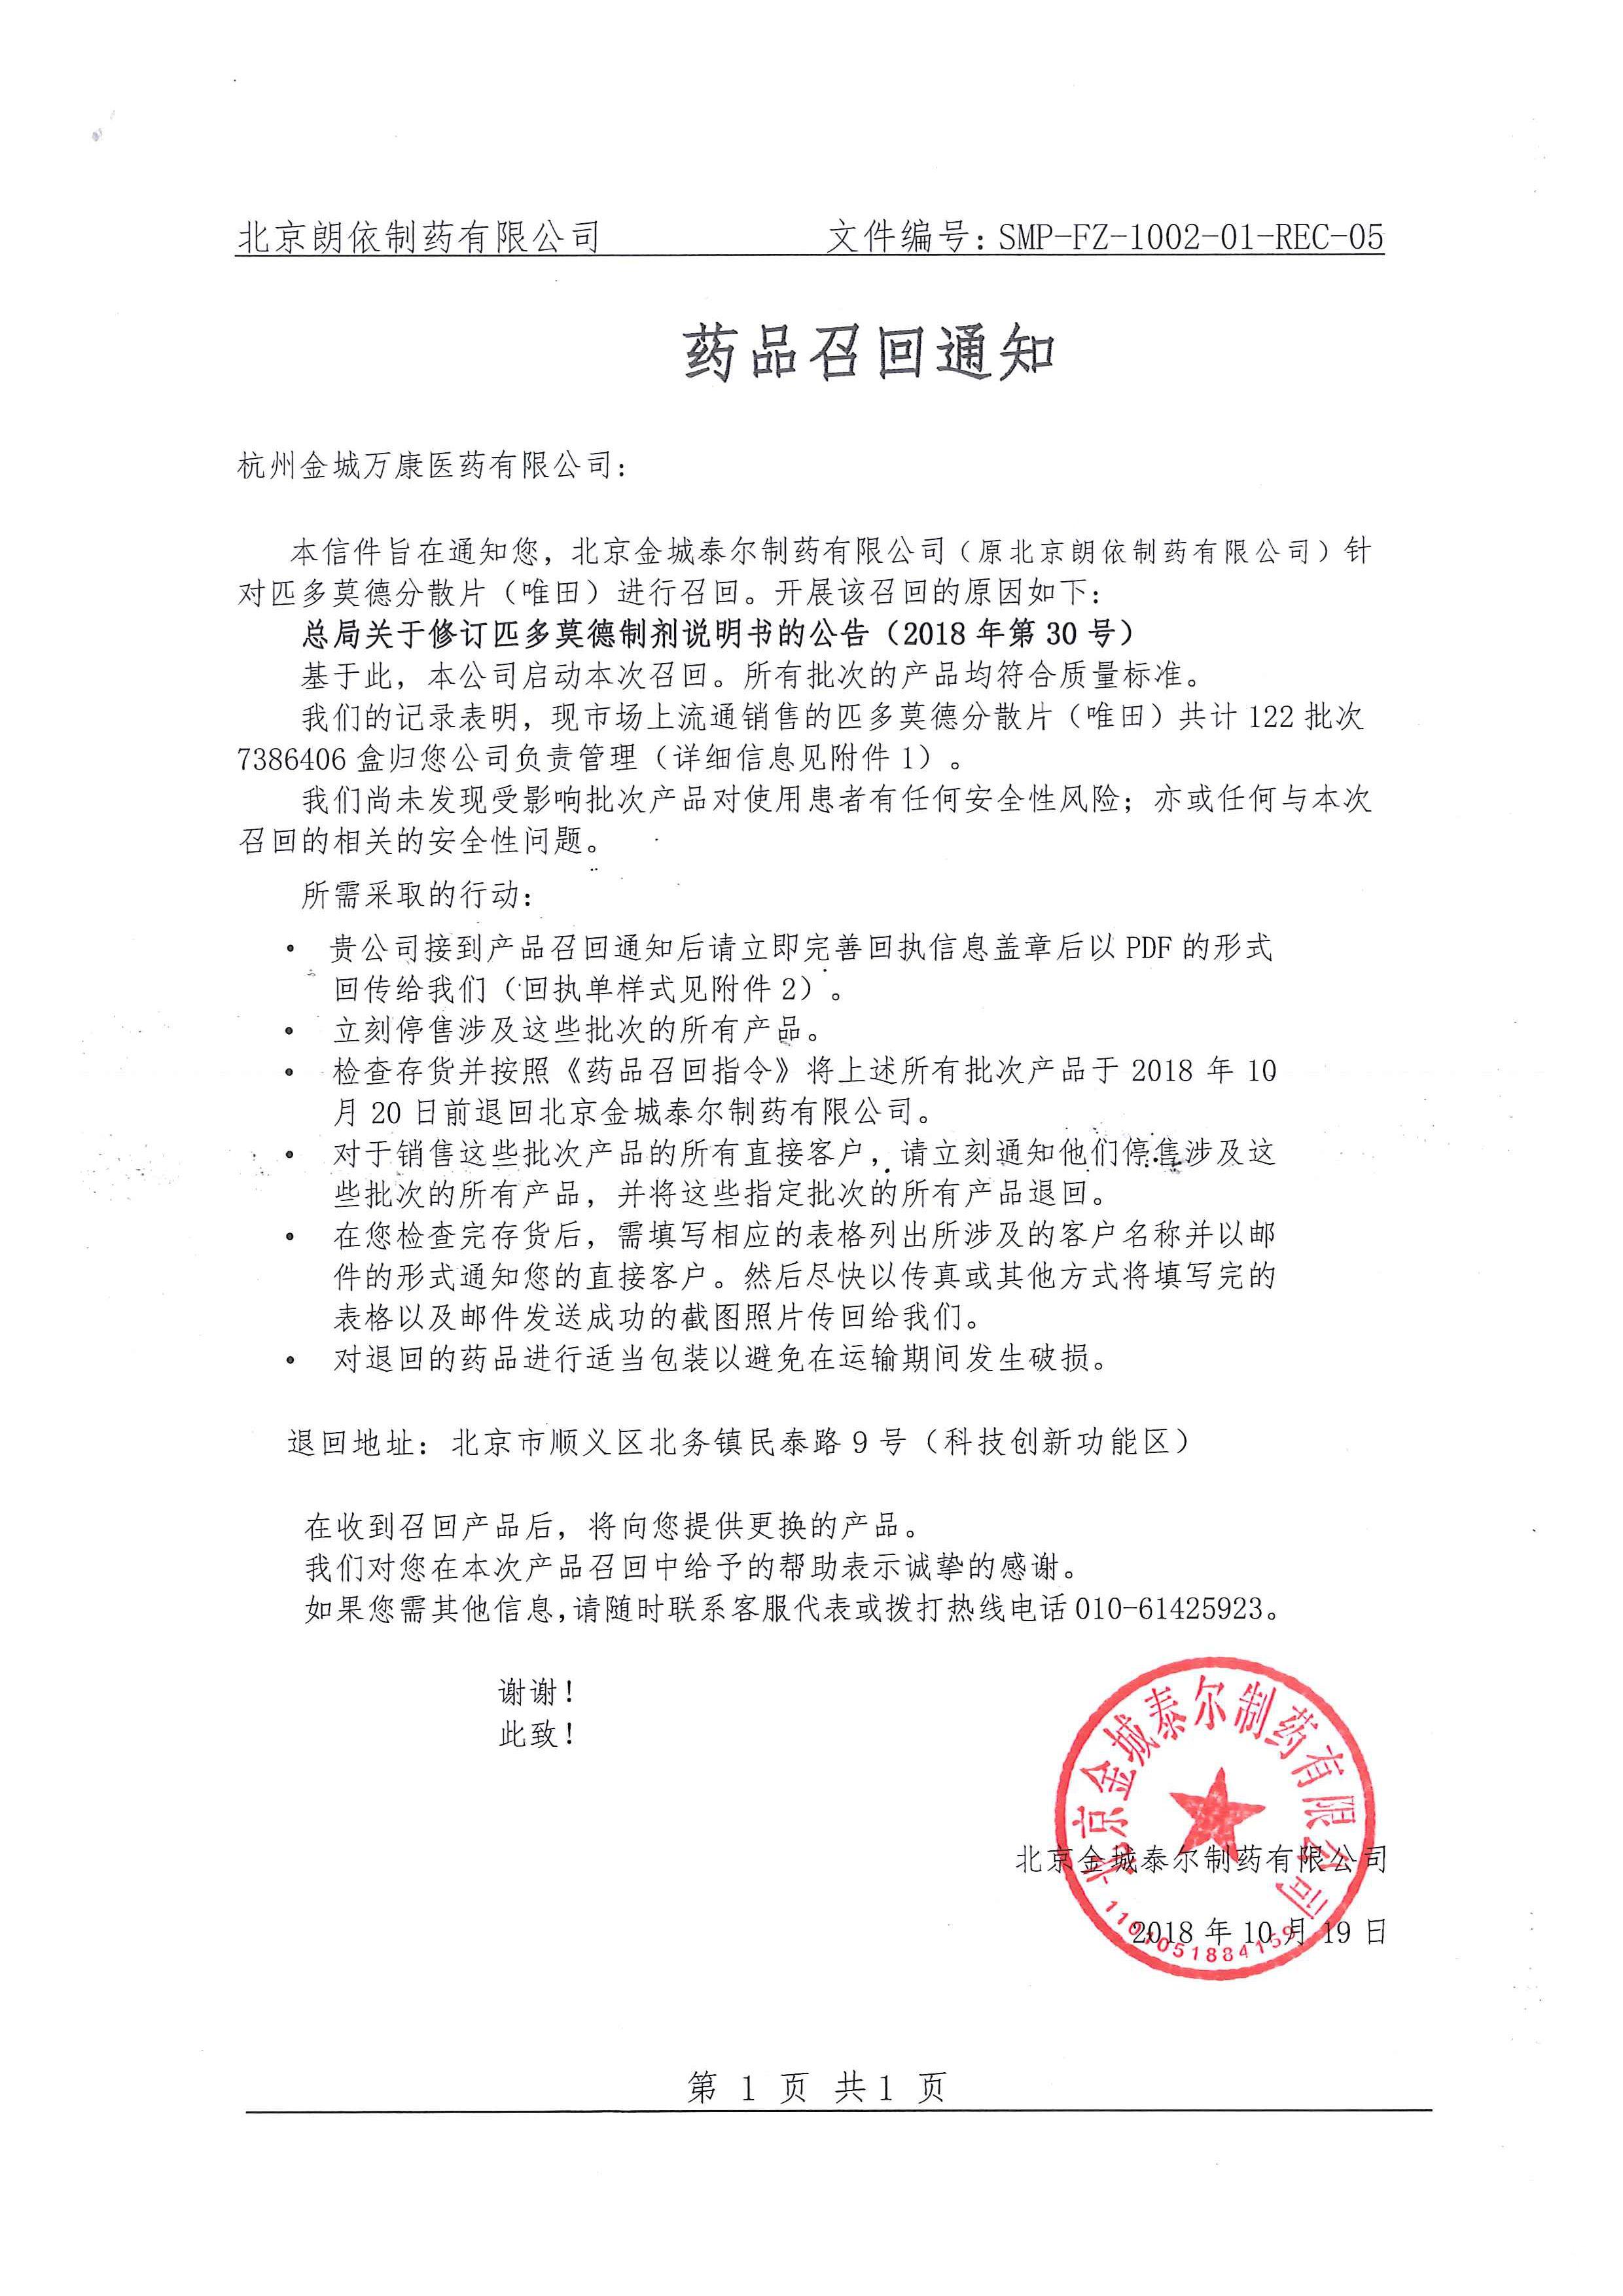 《药品召回通知》——北京泰尔制药有限公司